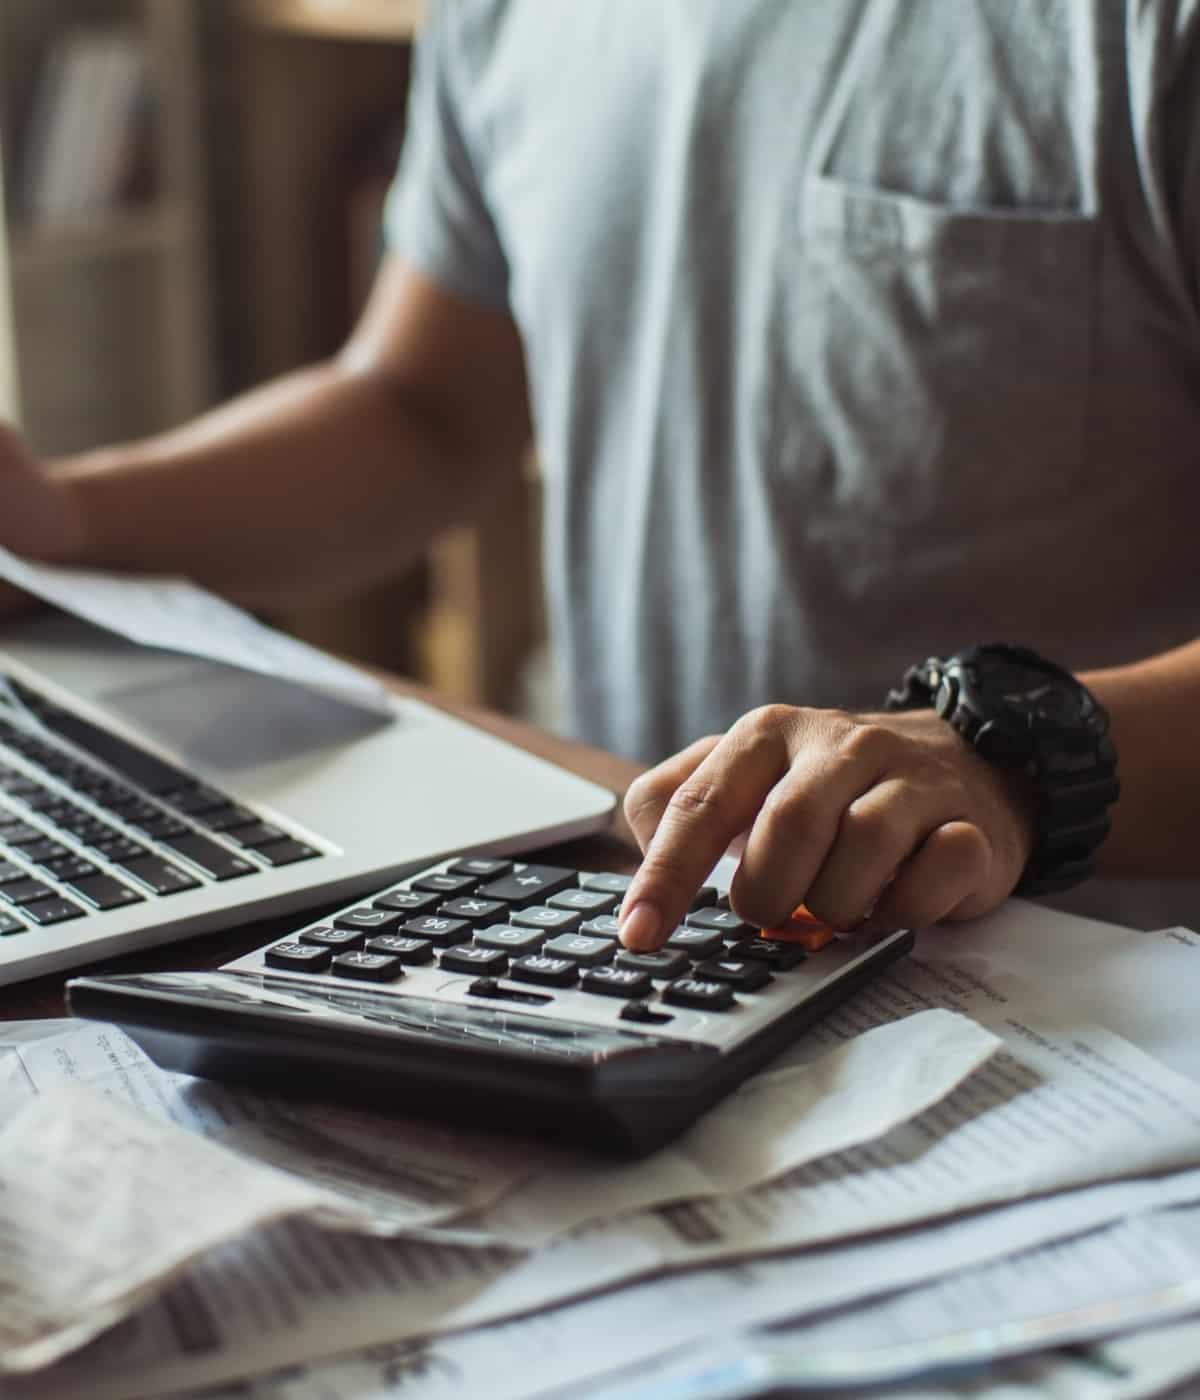 Fragen finanzielle Möglichkeiten